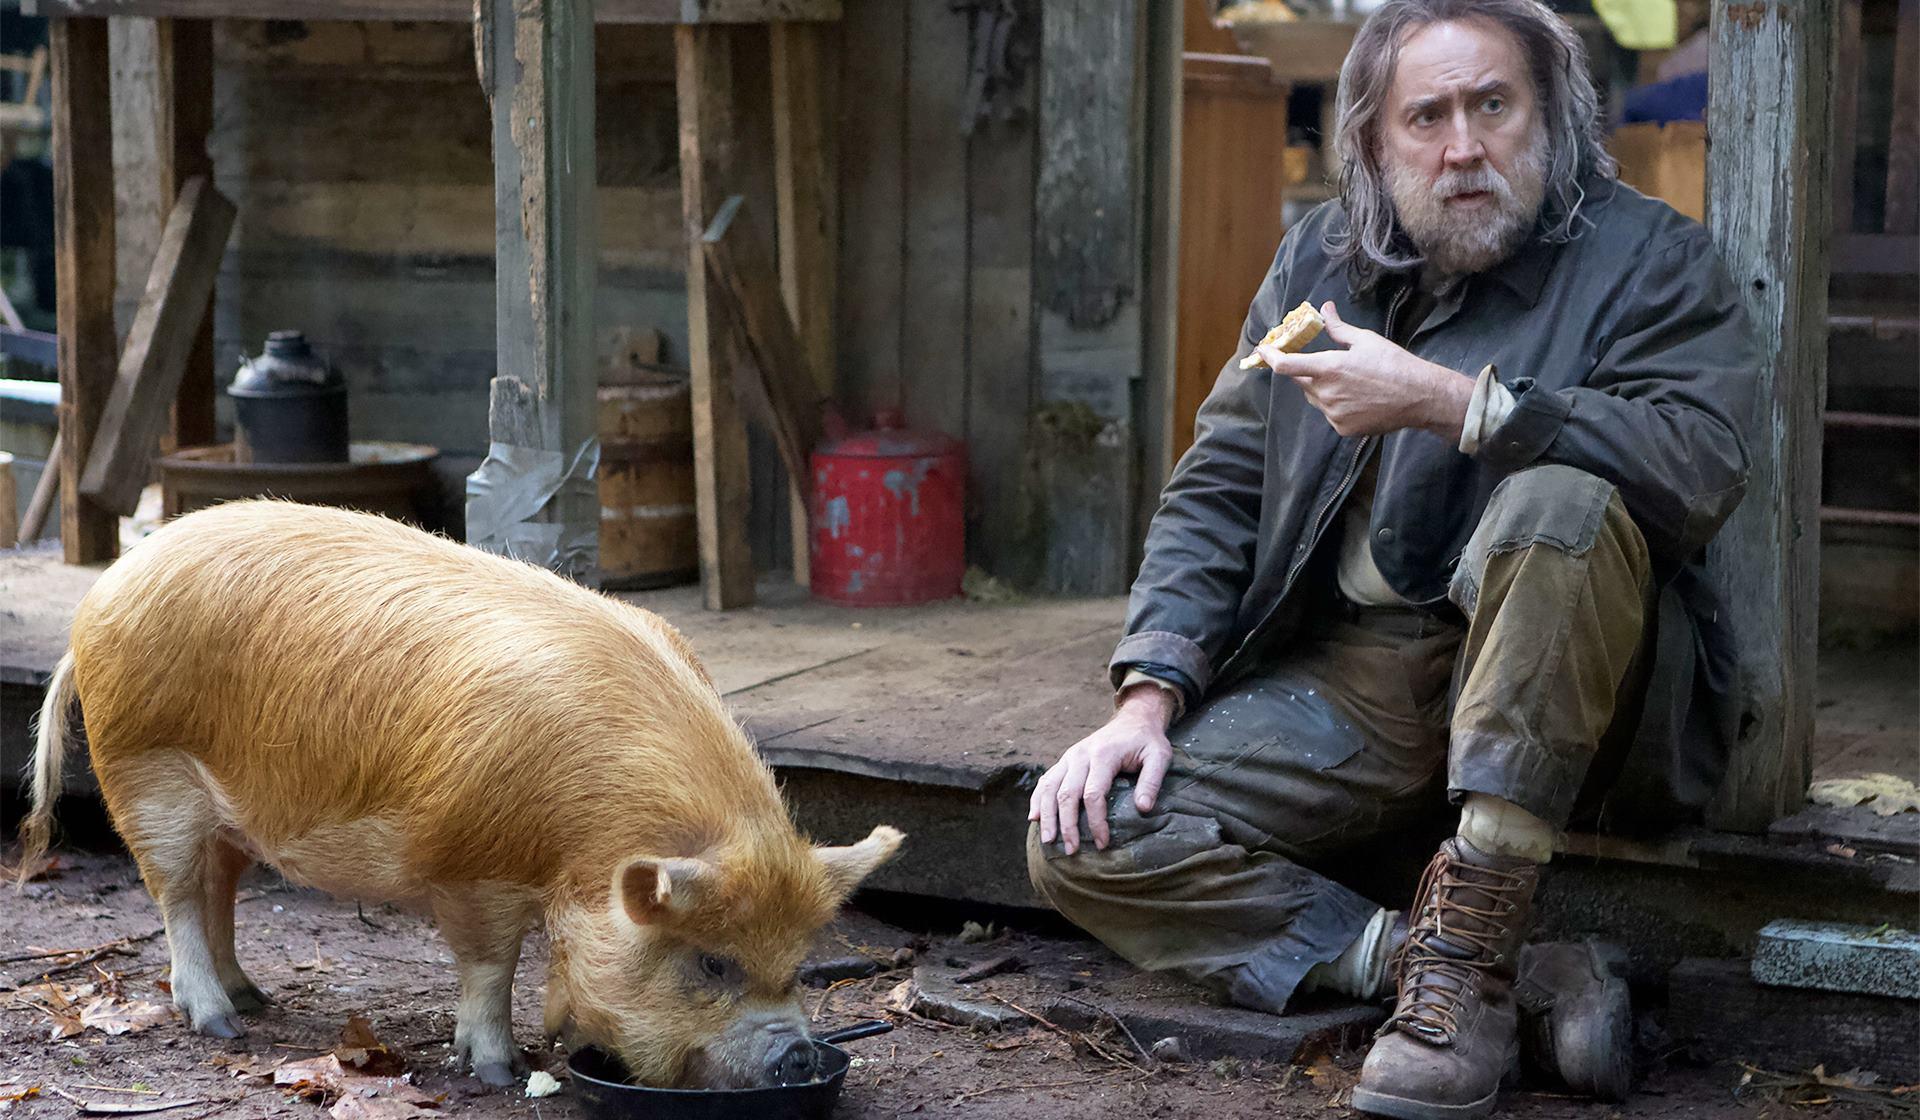 PIG Nicolas Cage CR: David Reamer/NEON